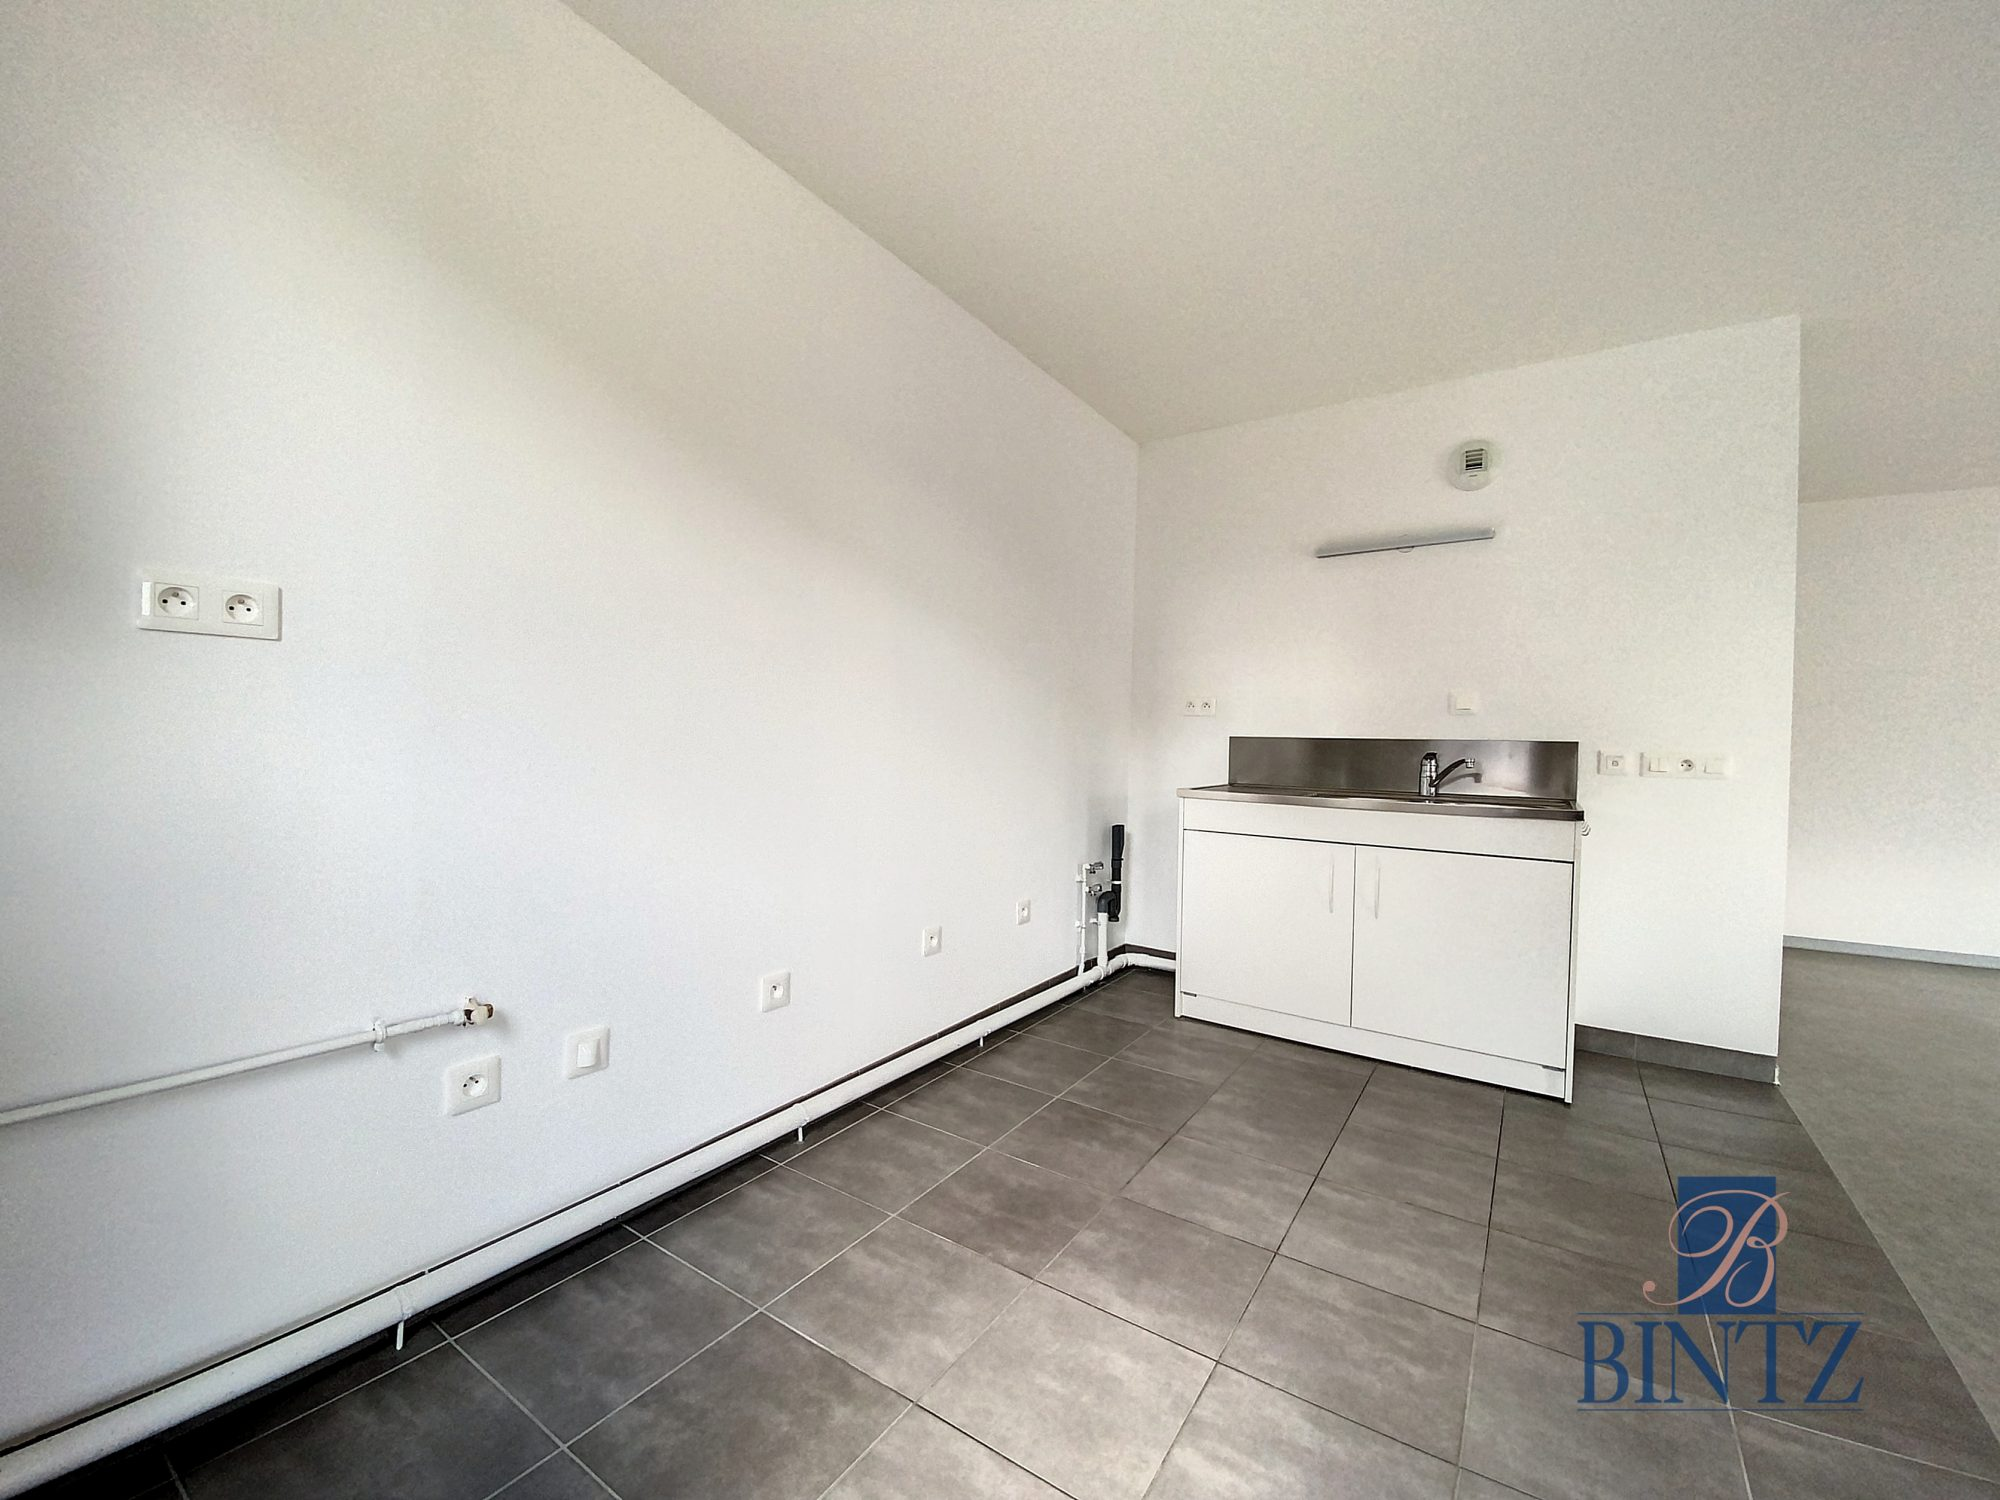 3 PIECES NEUF AVEC TERRASSE À SCHILTIGHEIM - Devenez propriétaire en toute confiance - Bintz Immobilier - 6